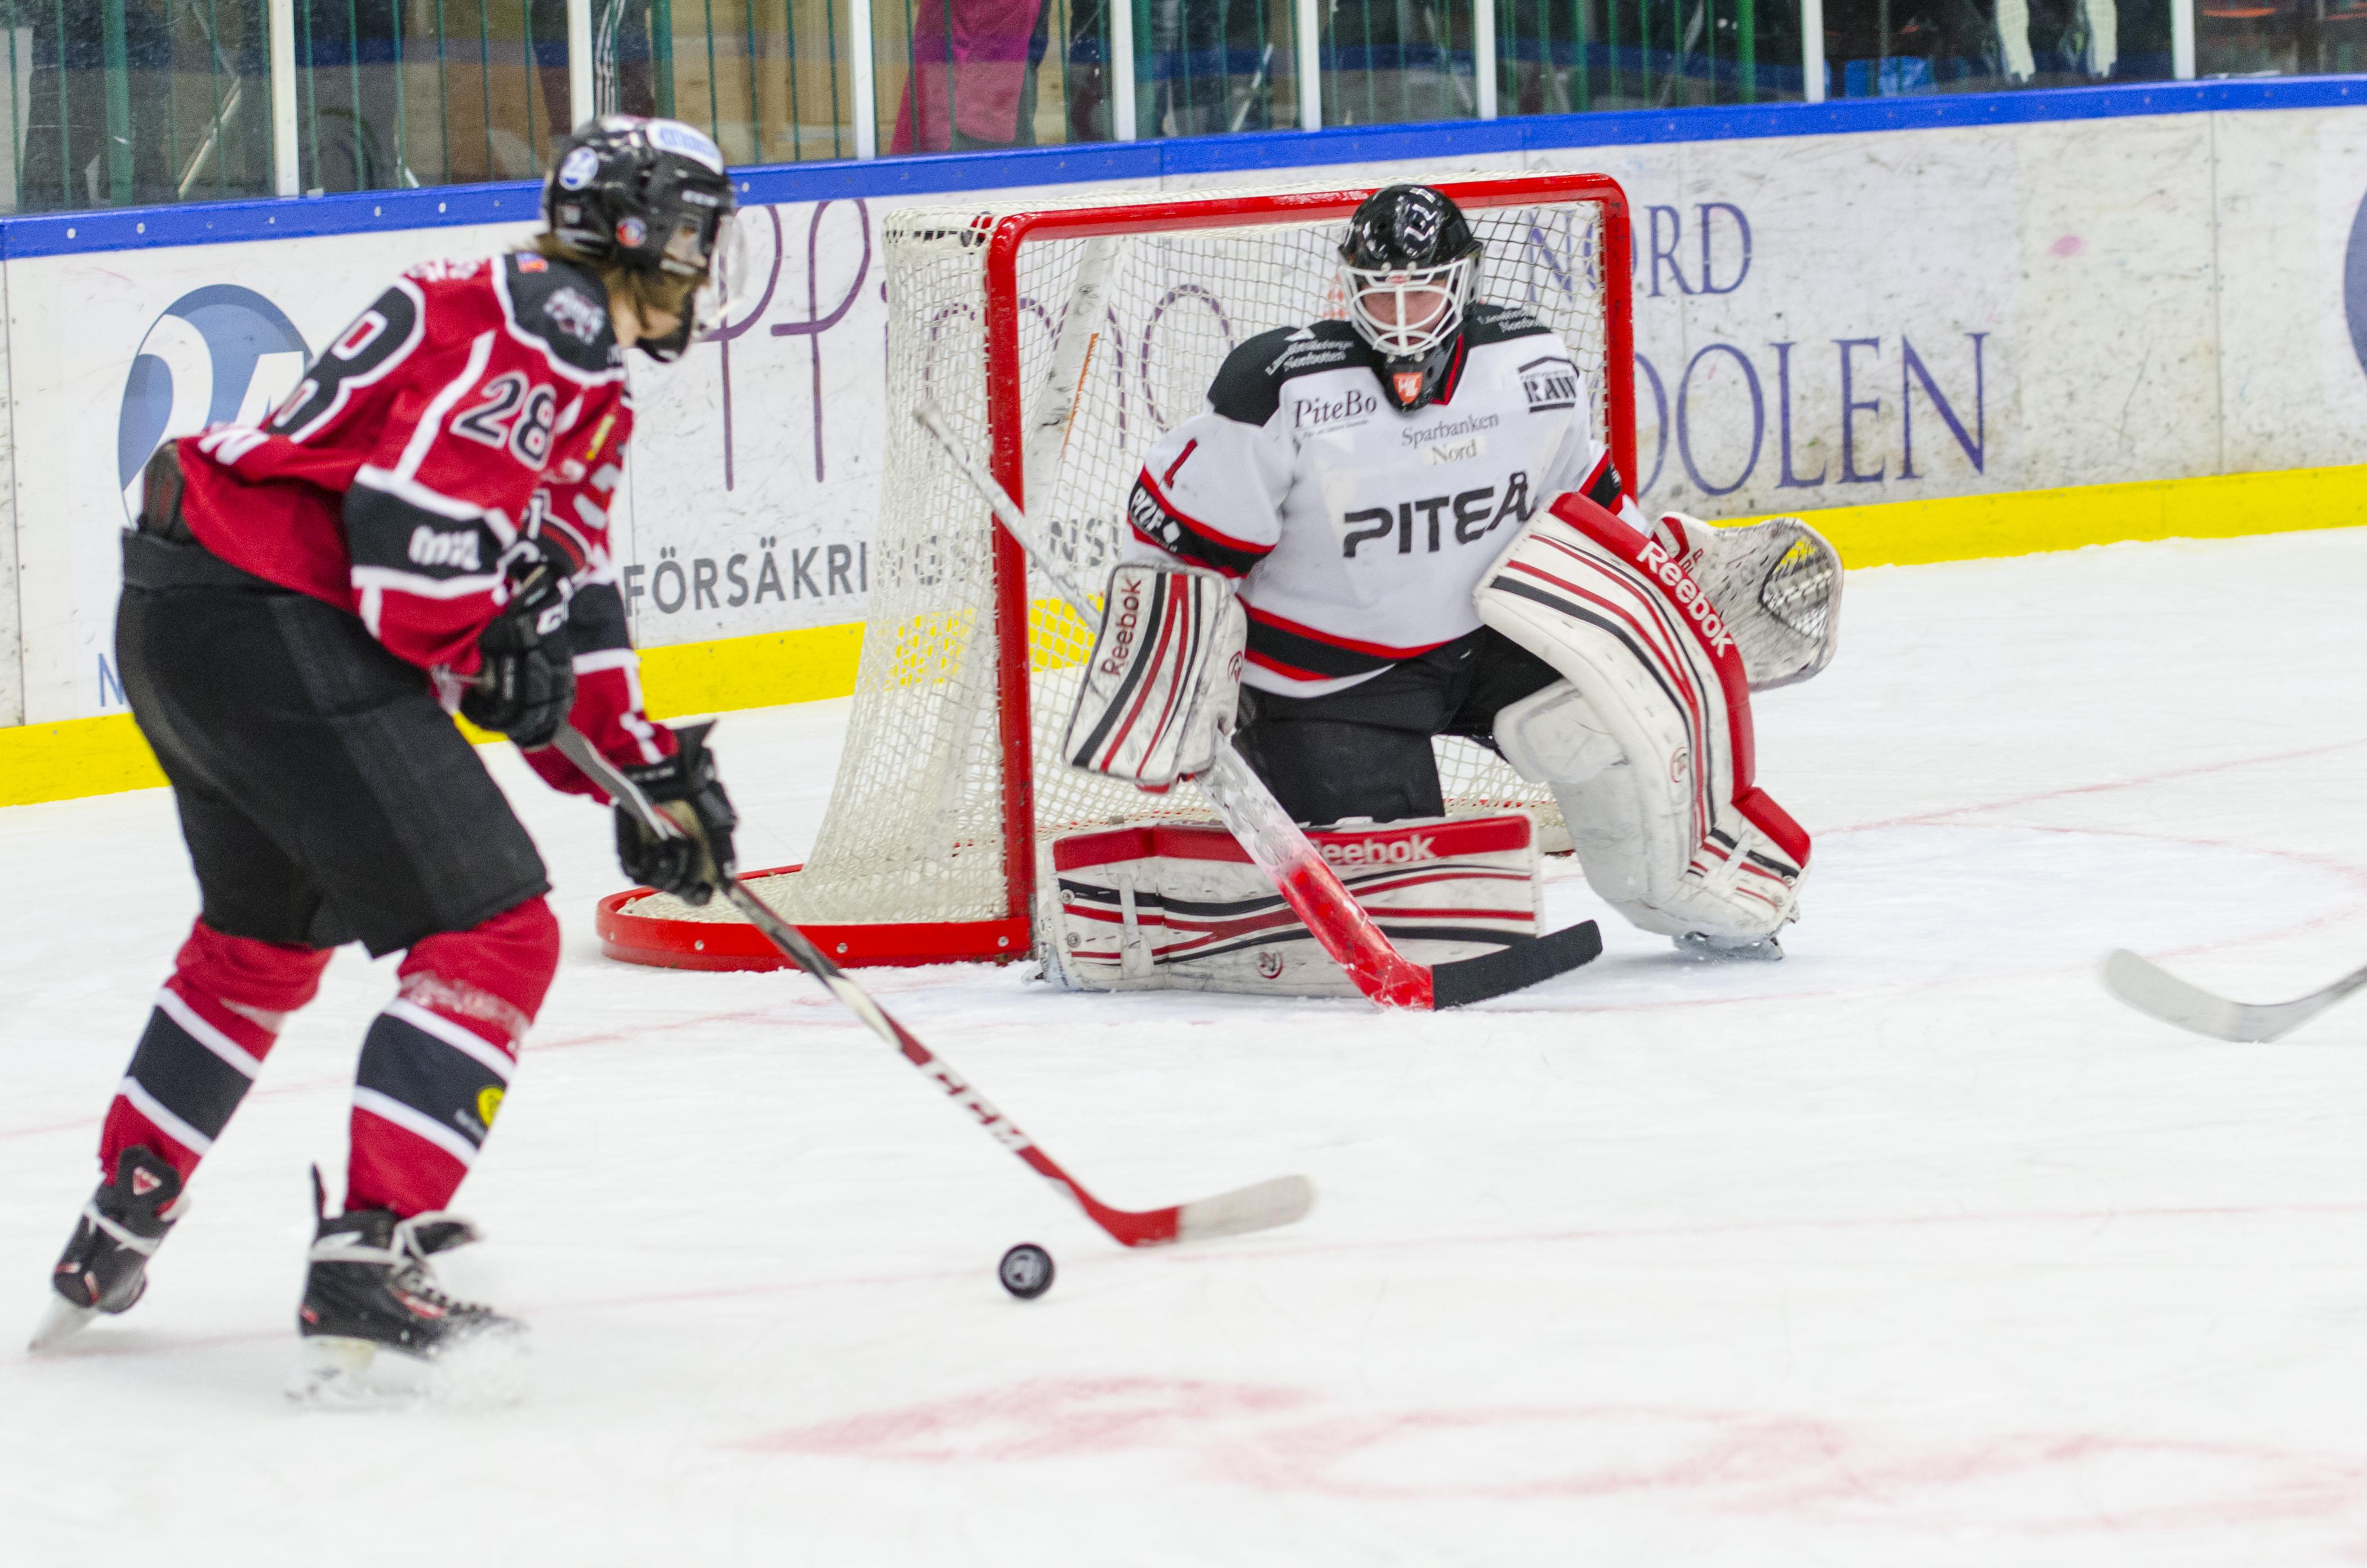 Höjdarhockey, Boden J18 mot Piteå